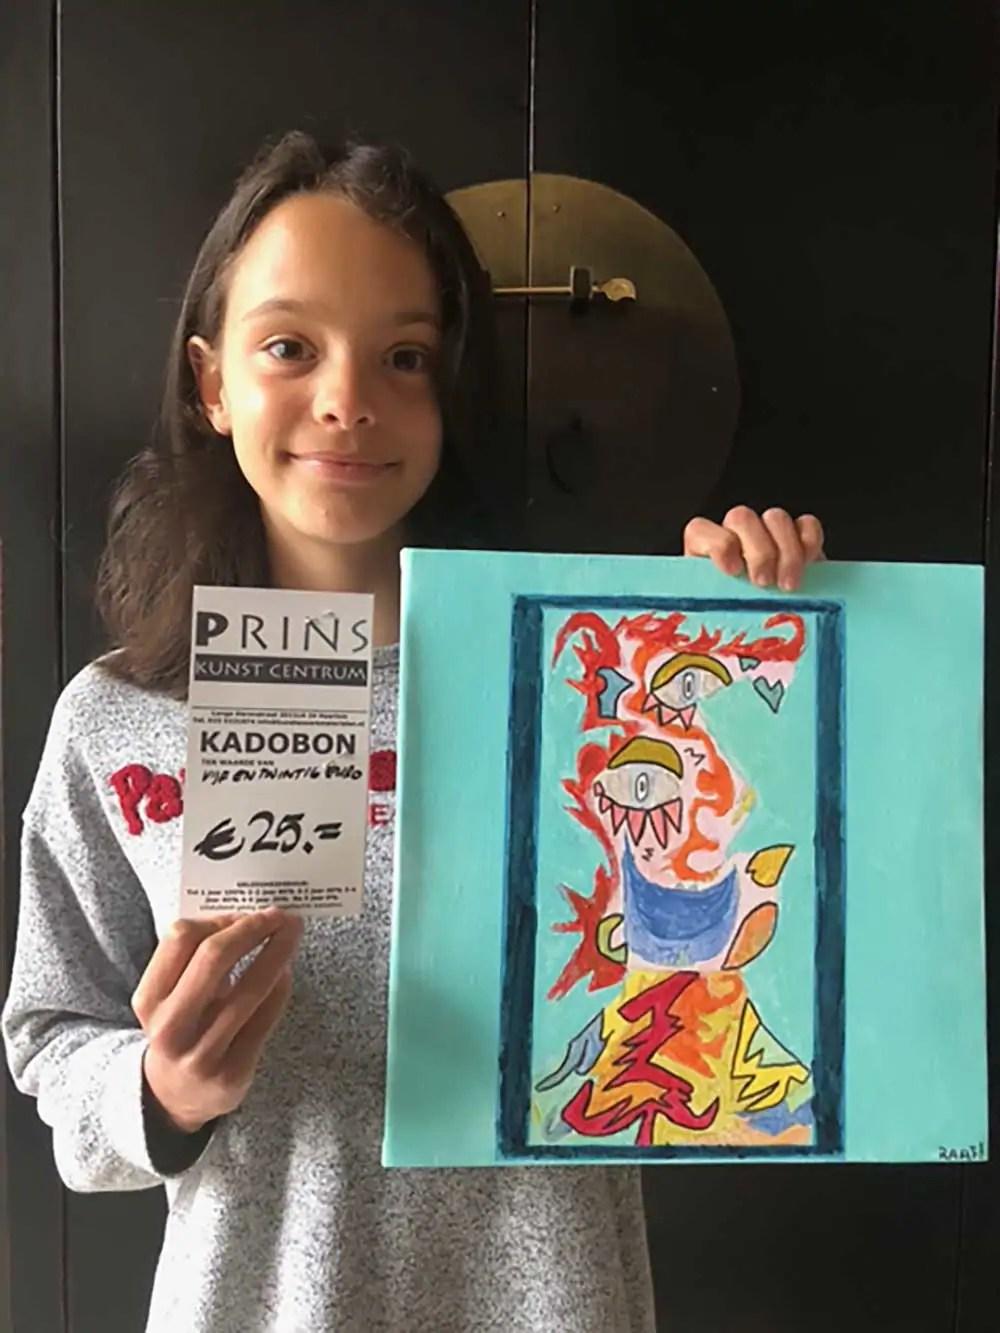 Raphaela-met-prijs